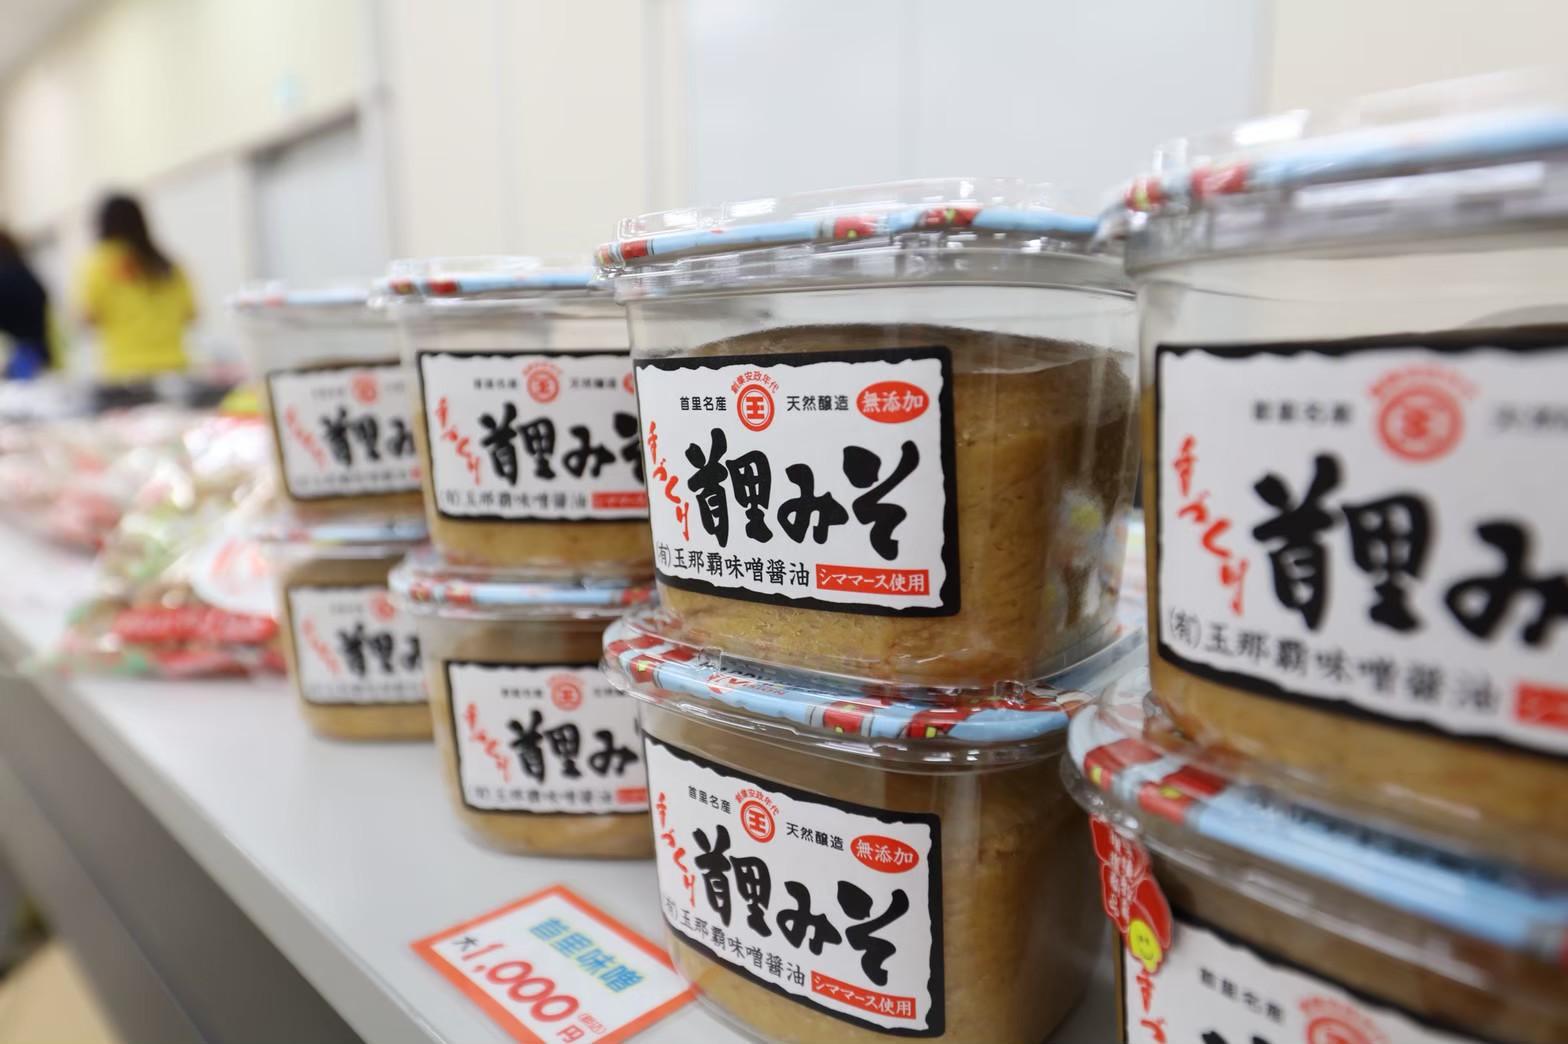 3月24日 1010HAPPY藤沢クラスカウントダウン!!!〜4日前〜みんなの首里味噌料理編〜